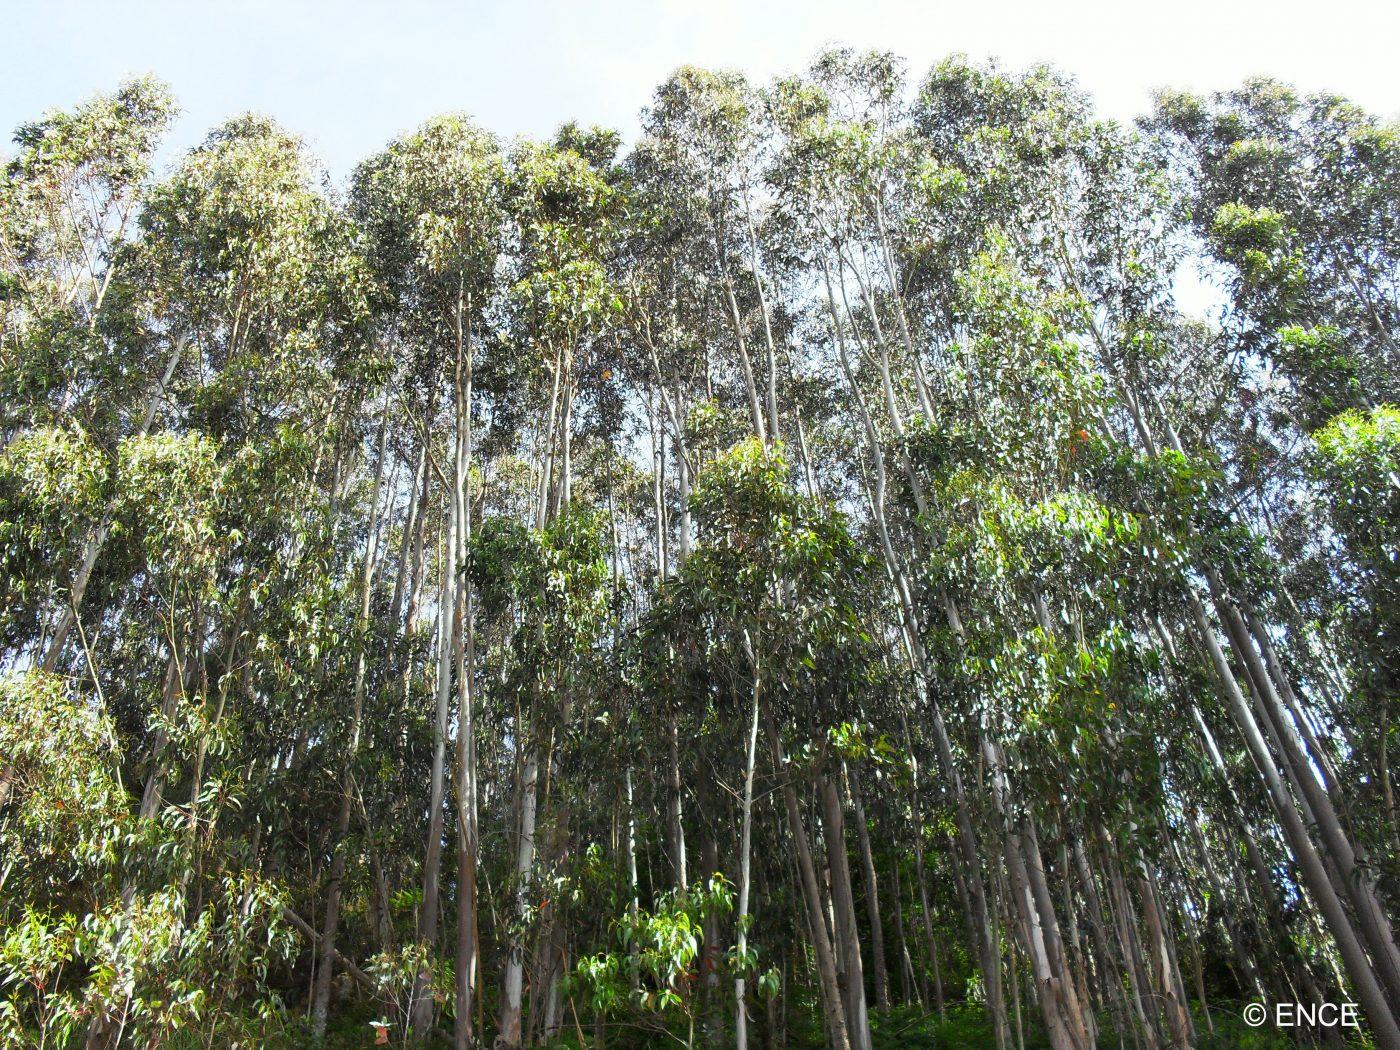 Los bosques gallegos apuestan por certificar su sostenibilidad e incorporar las últimas tecnologías forestales